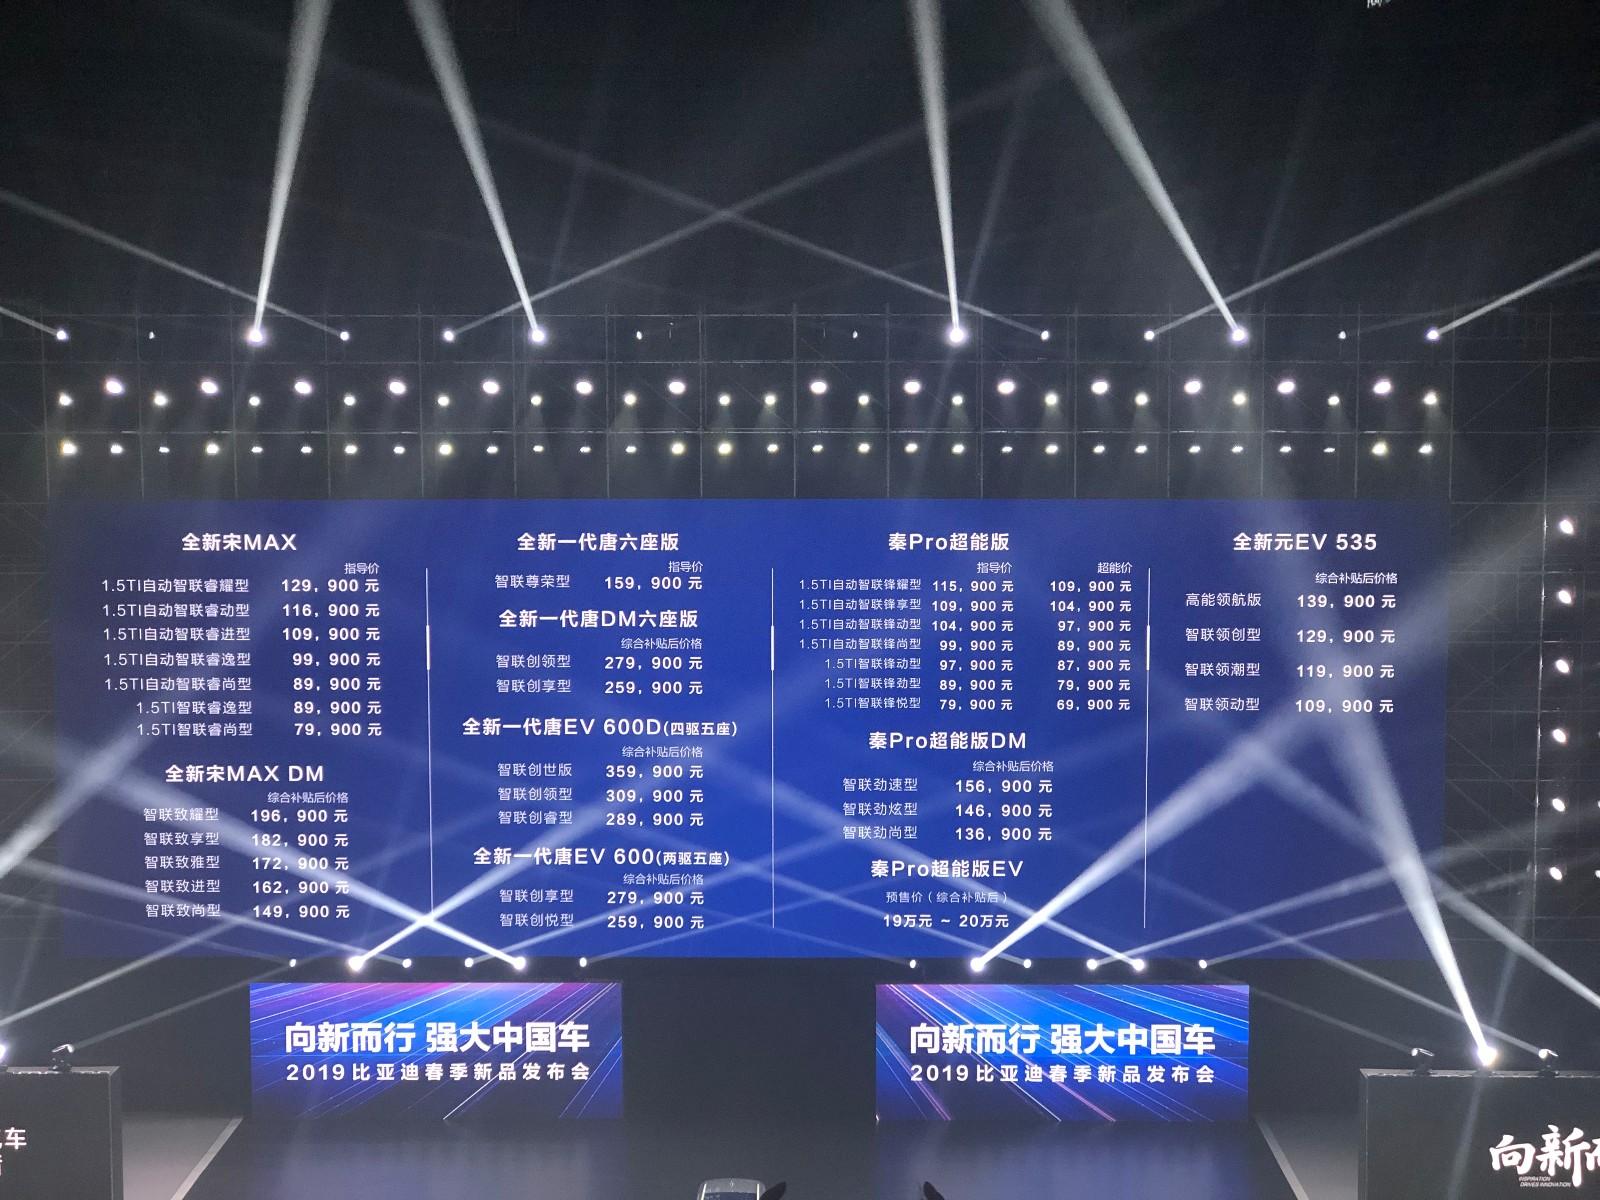 """""""9+1""""产品矩阵,比亚迪开发布会的背后逻辑 【图】"""